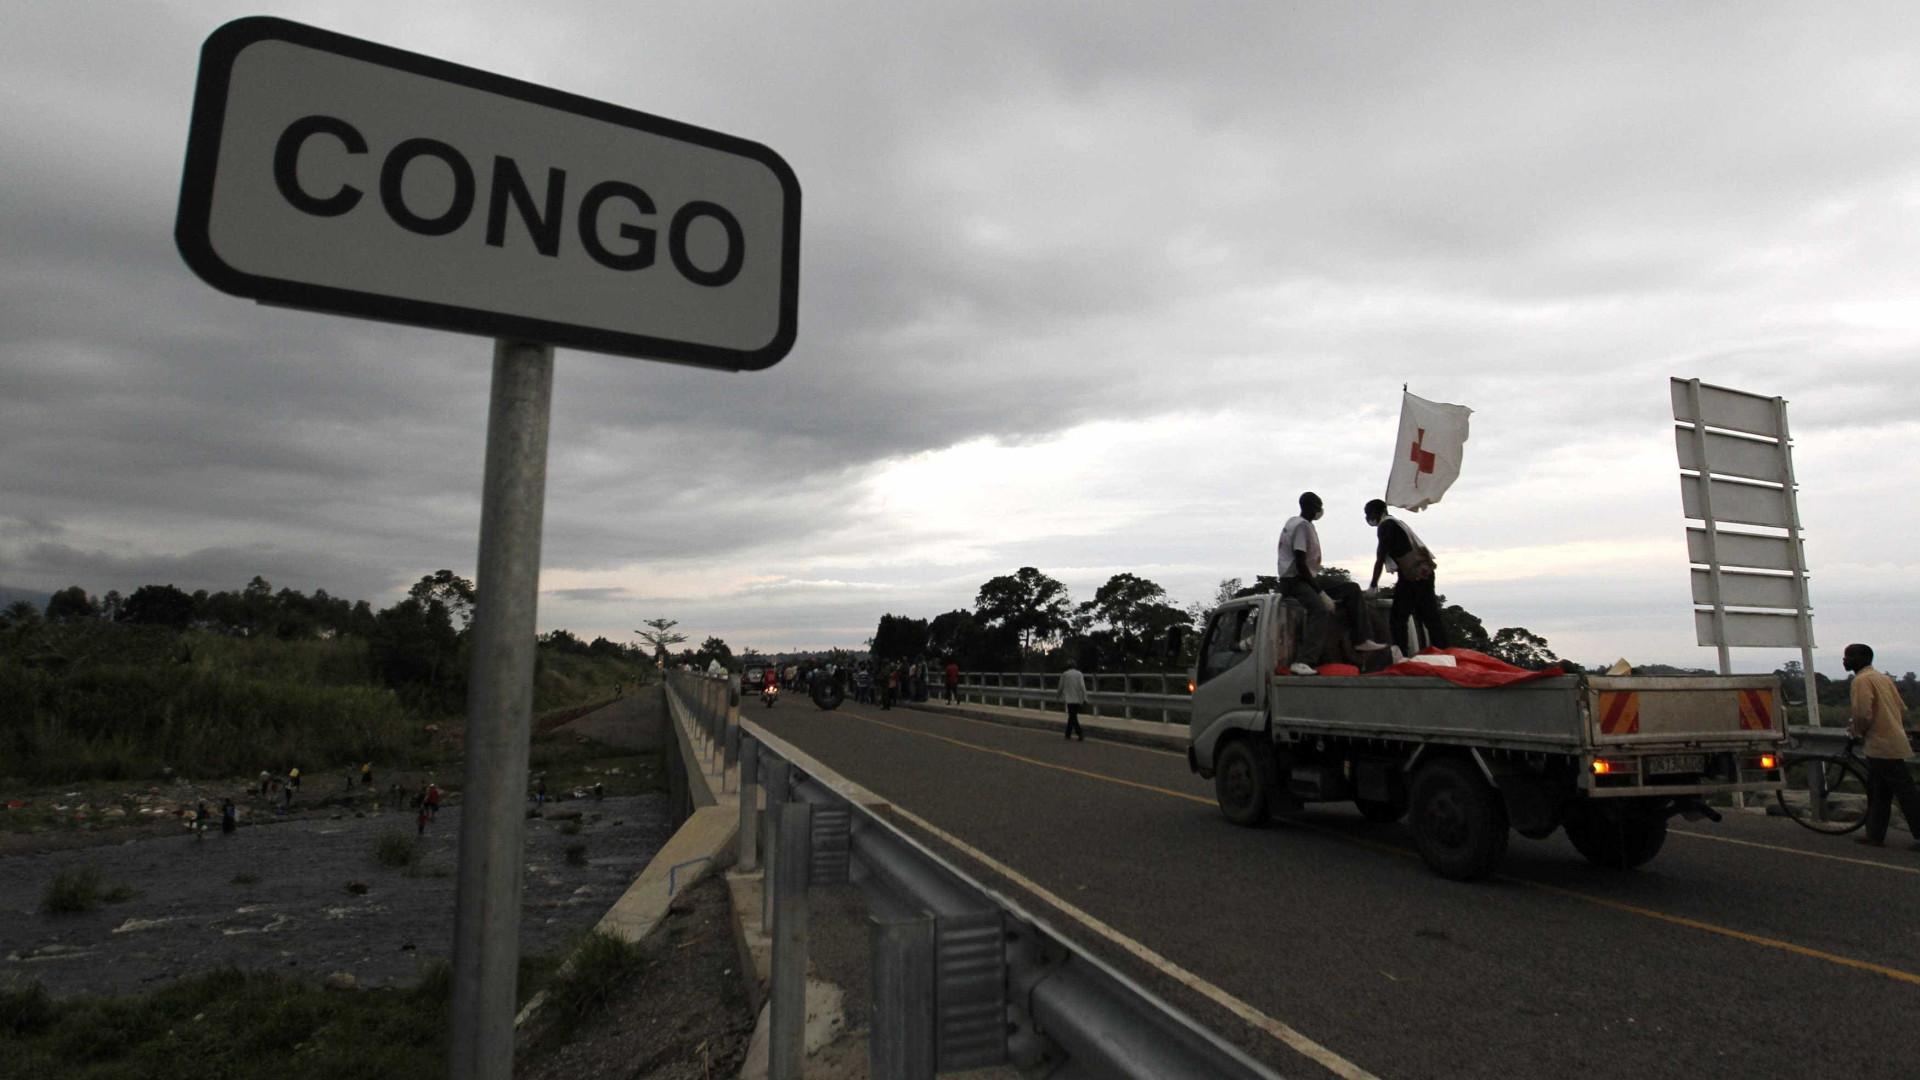 Eleições presidenciais na RD Congo adiadas para 2019